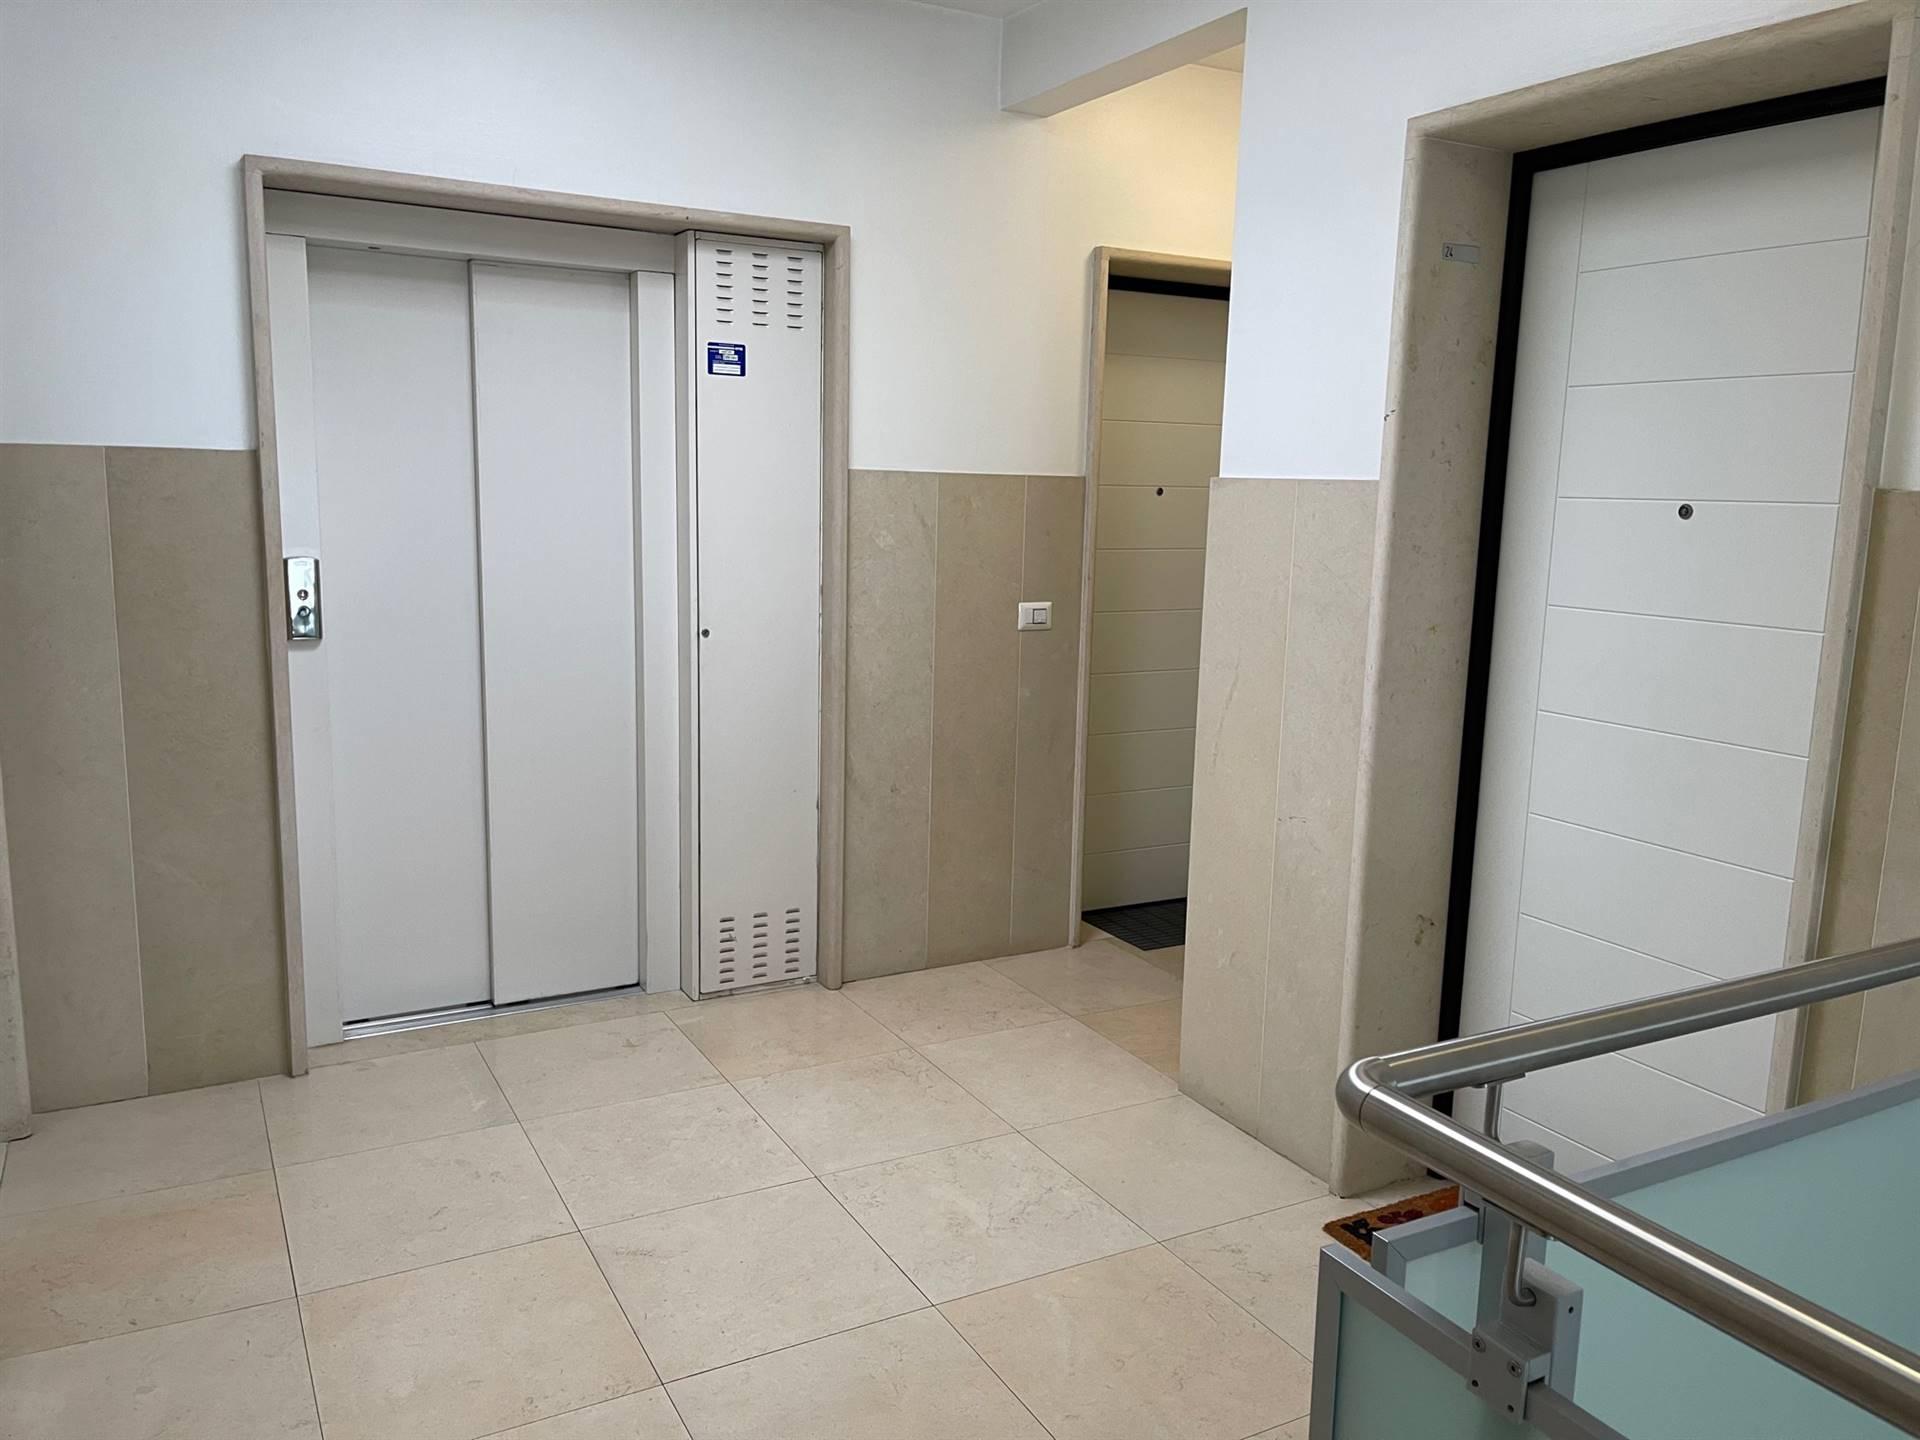 ascensore appartamento Mestre euro 160000